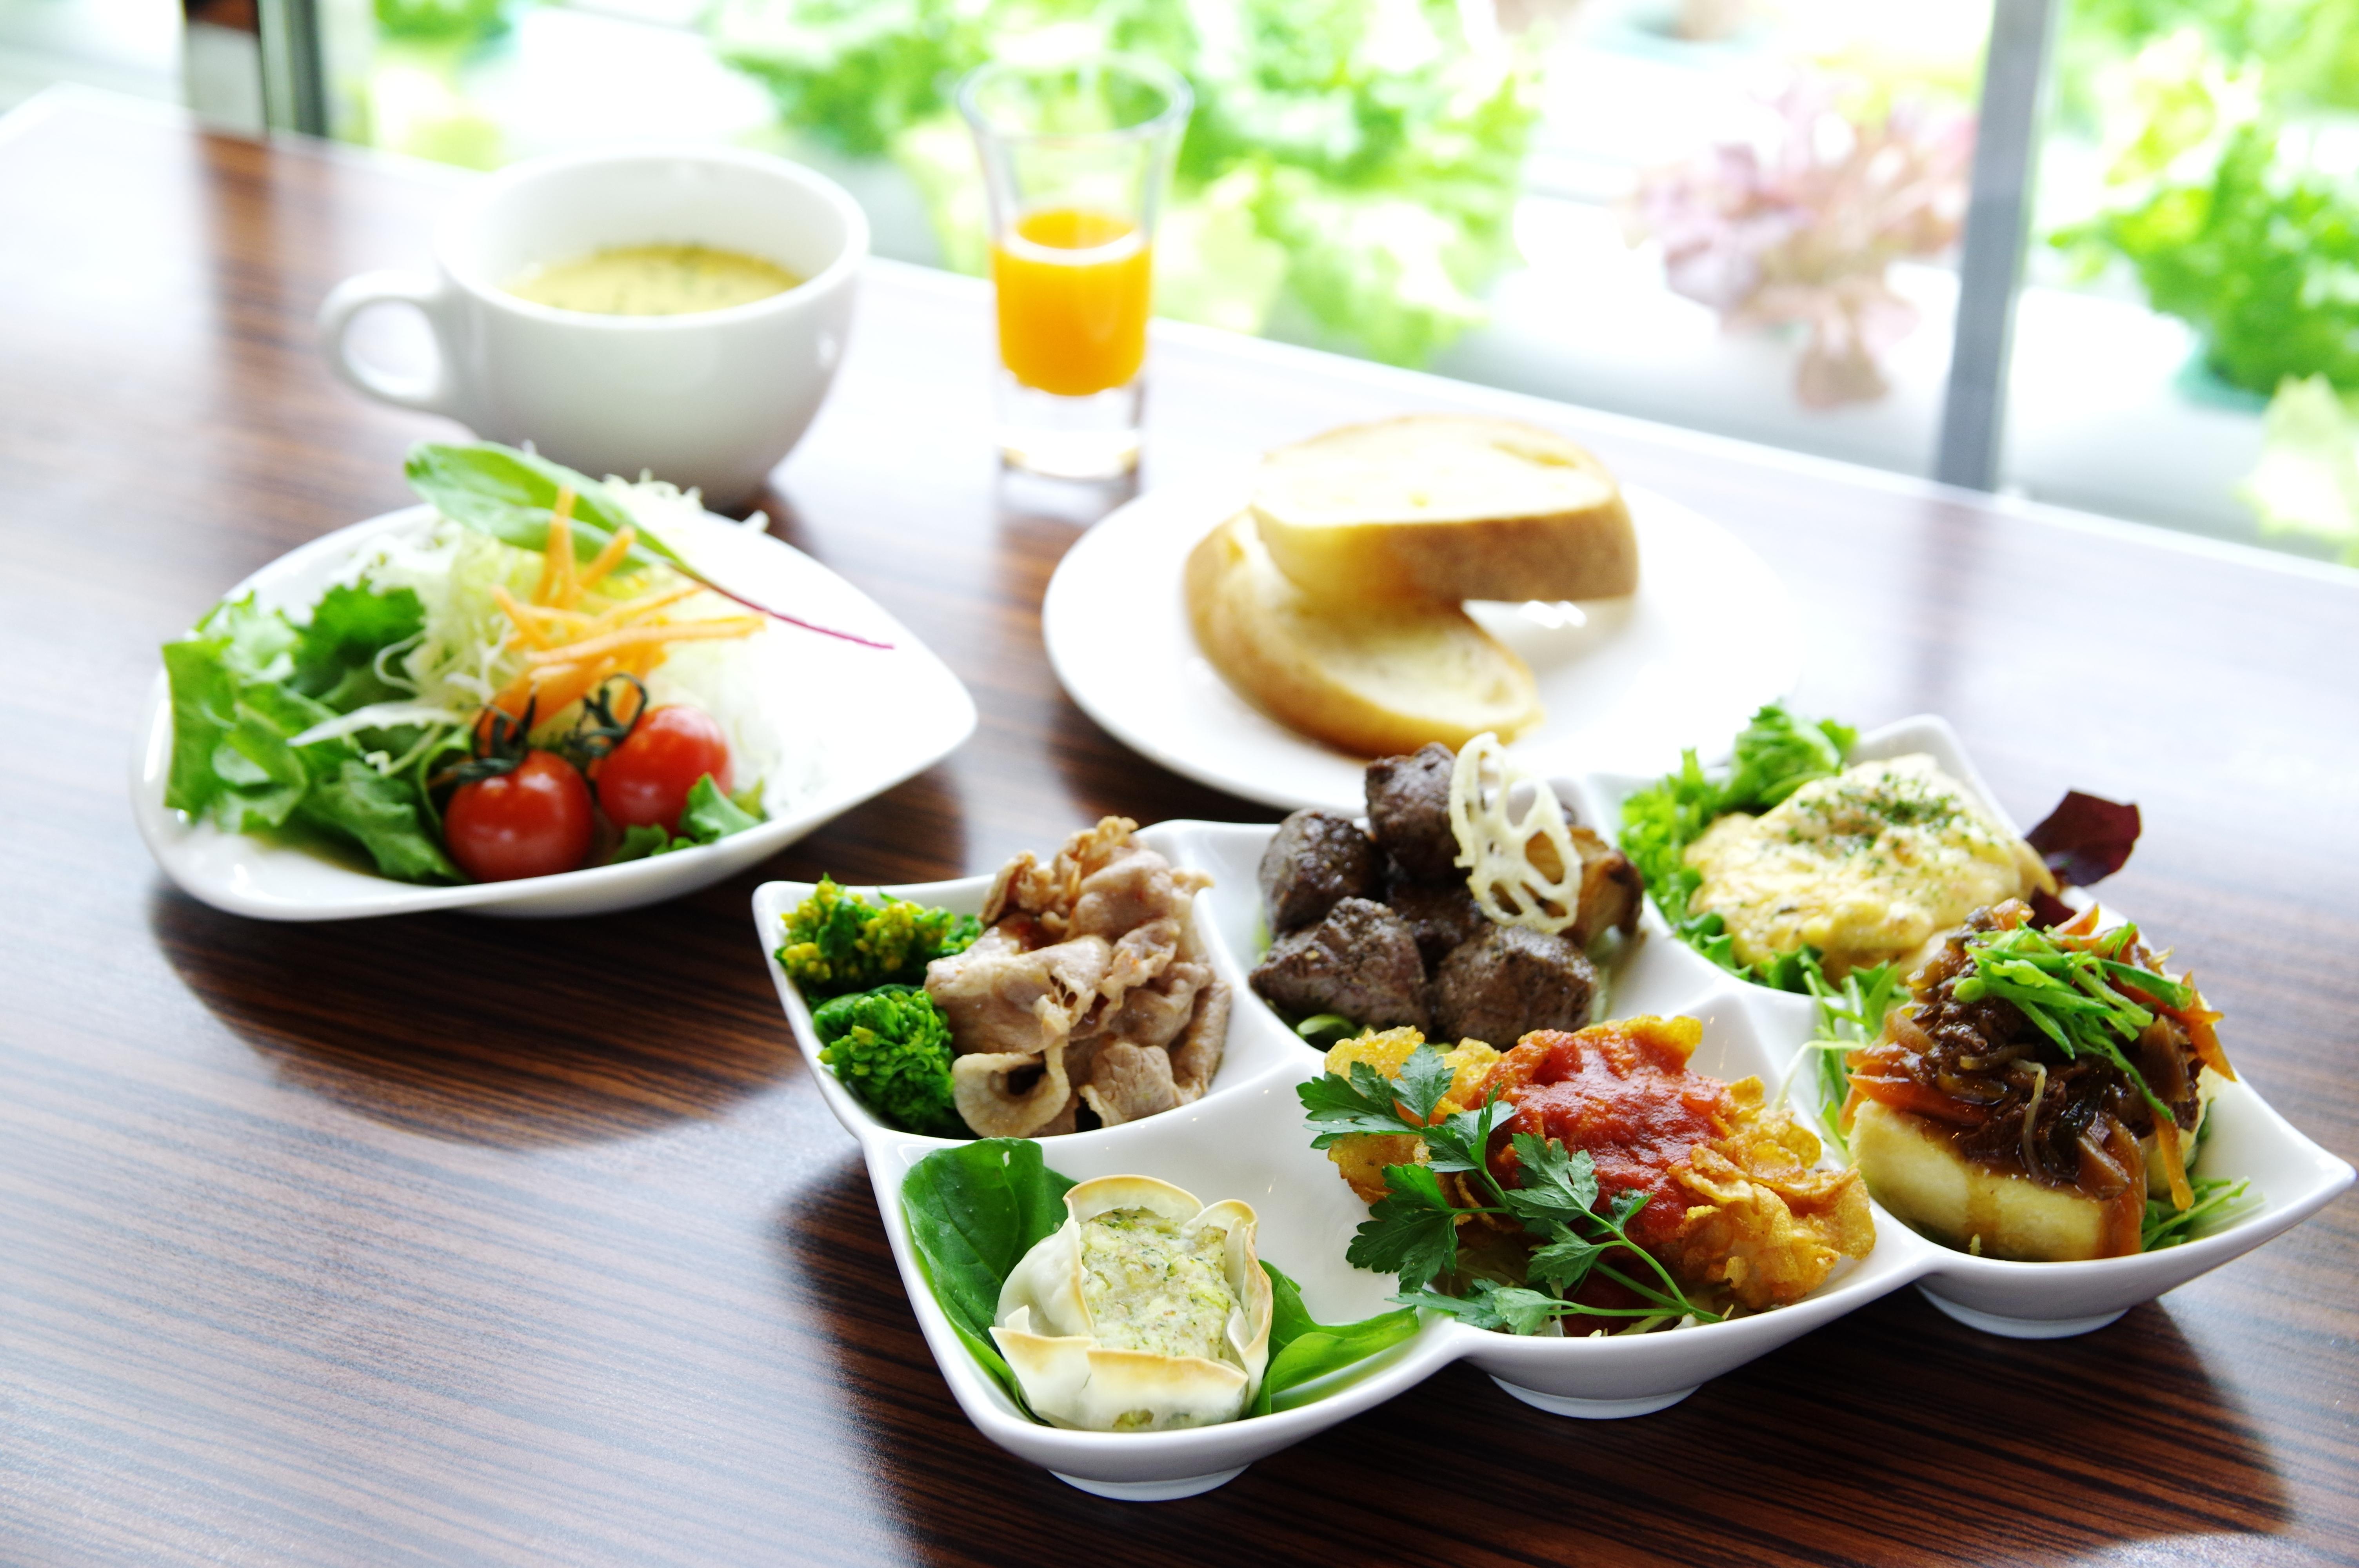 新鮮野菜のサラダバー…食べたいです´ω`)ノ